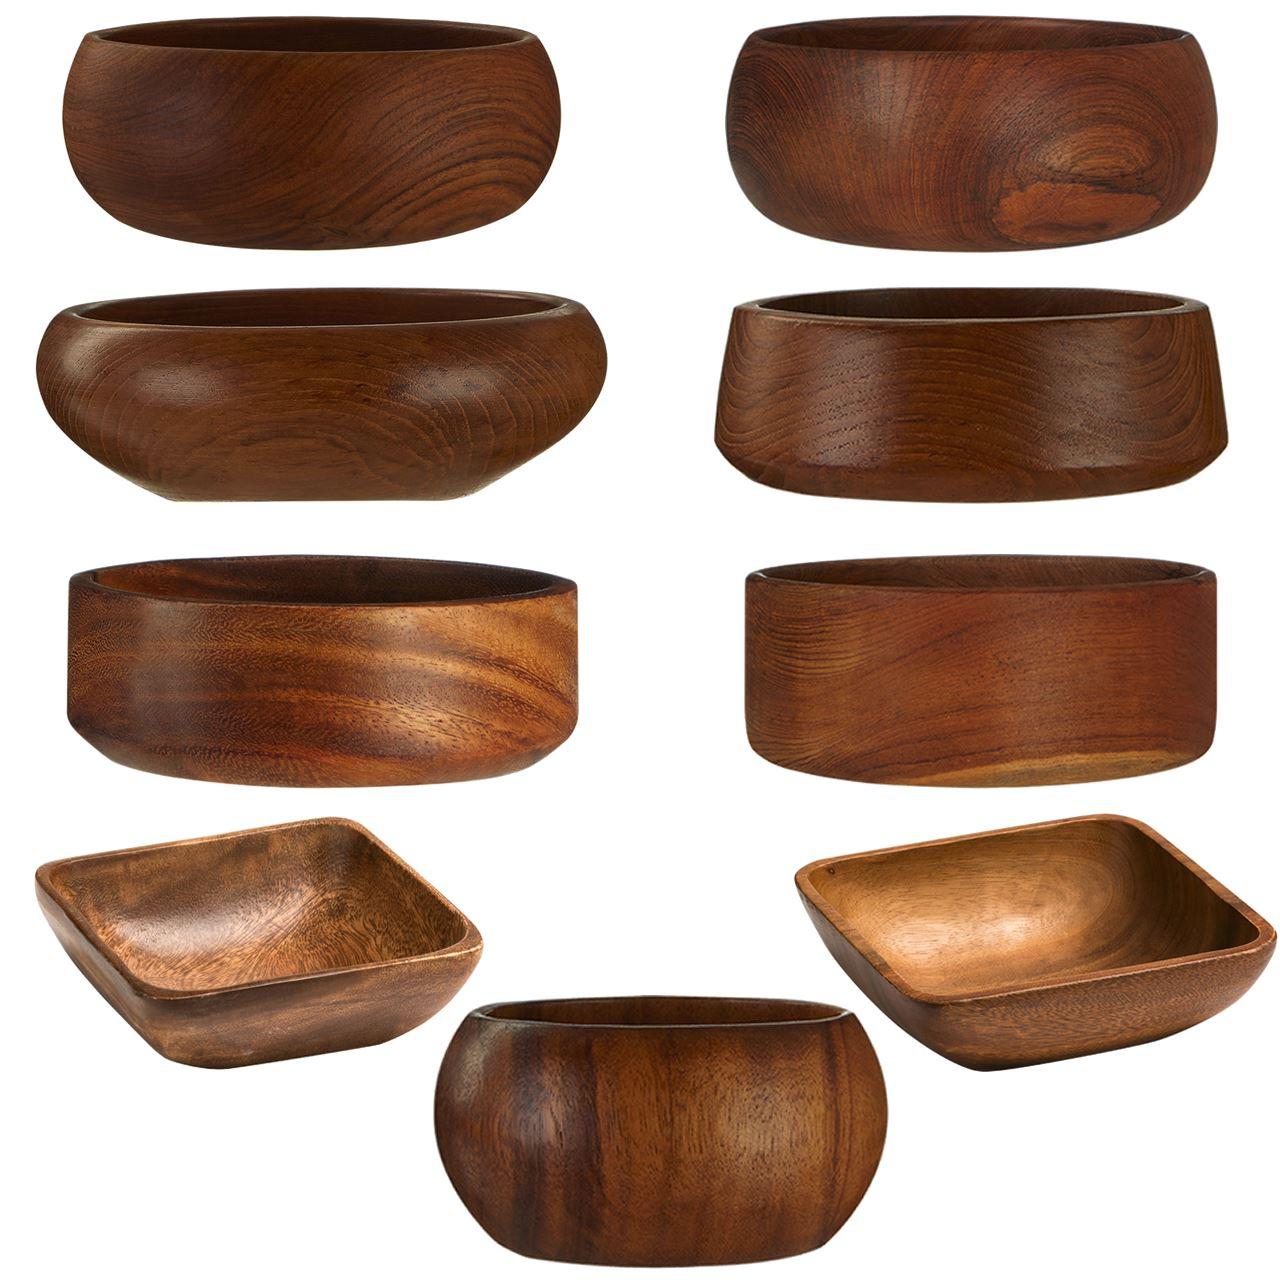 Serving Bowls Wood Ideal For Crisp Salad Serving Chips Nuts Other Party Foods Ebay